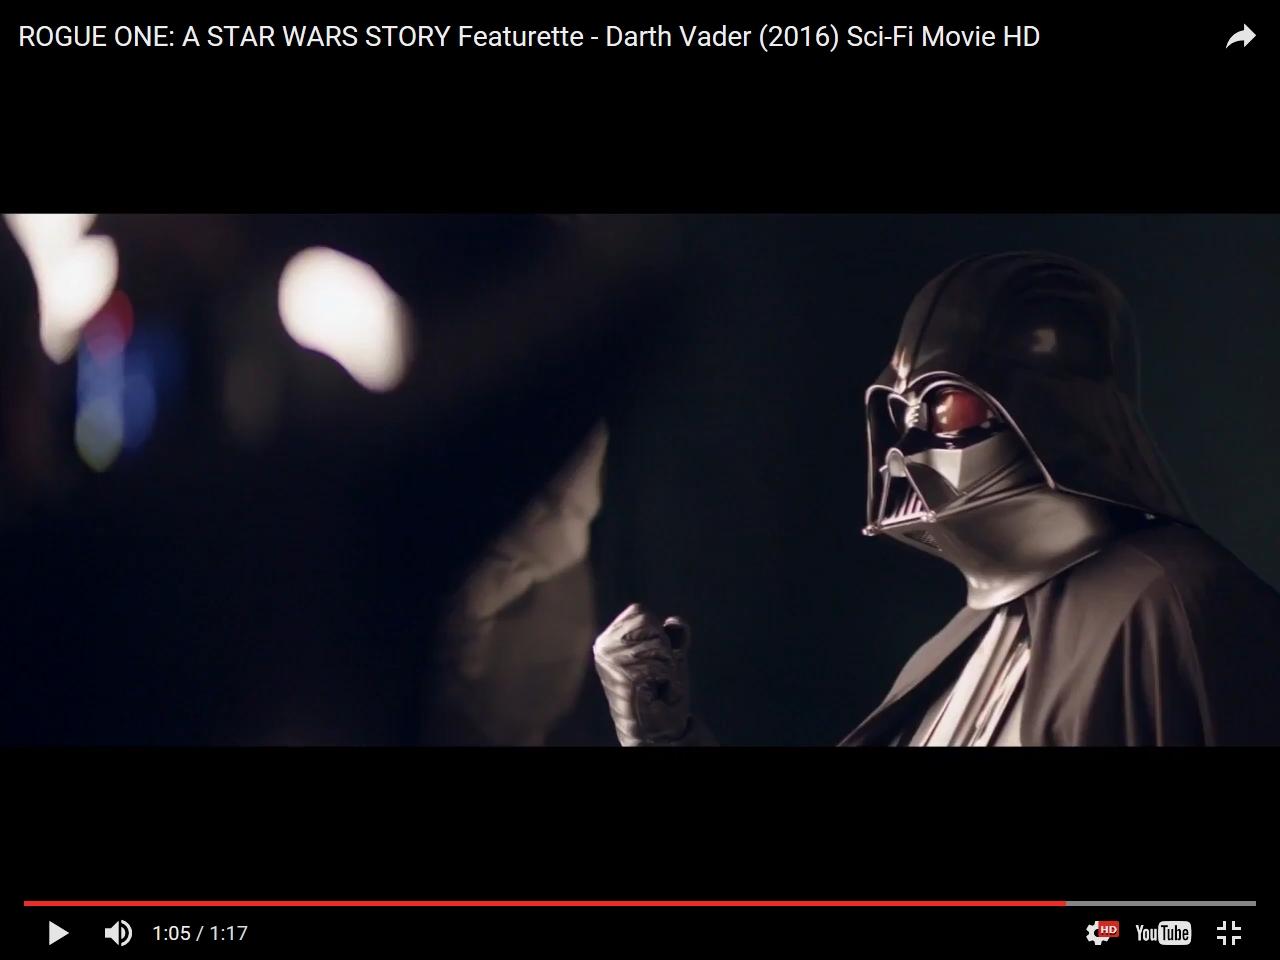 137080973_Vader4_123_106lo.jpg